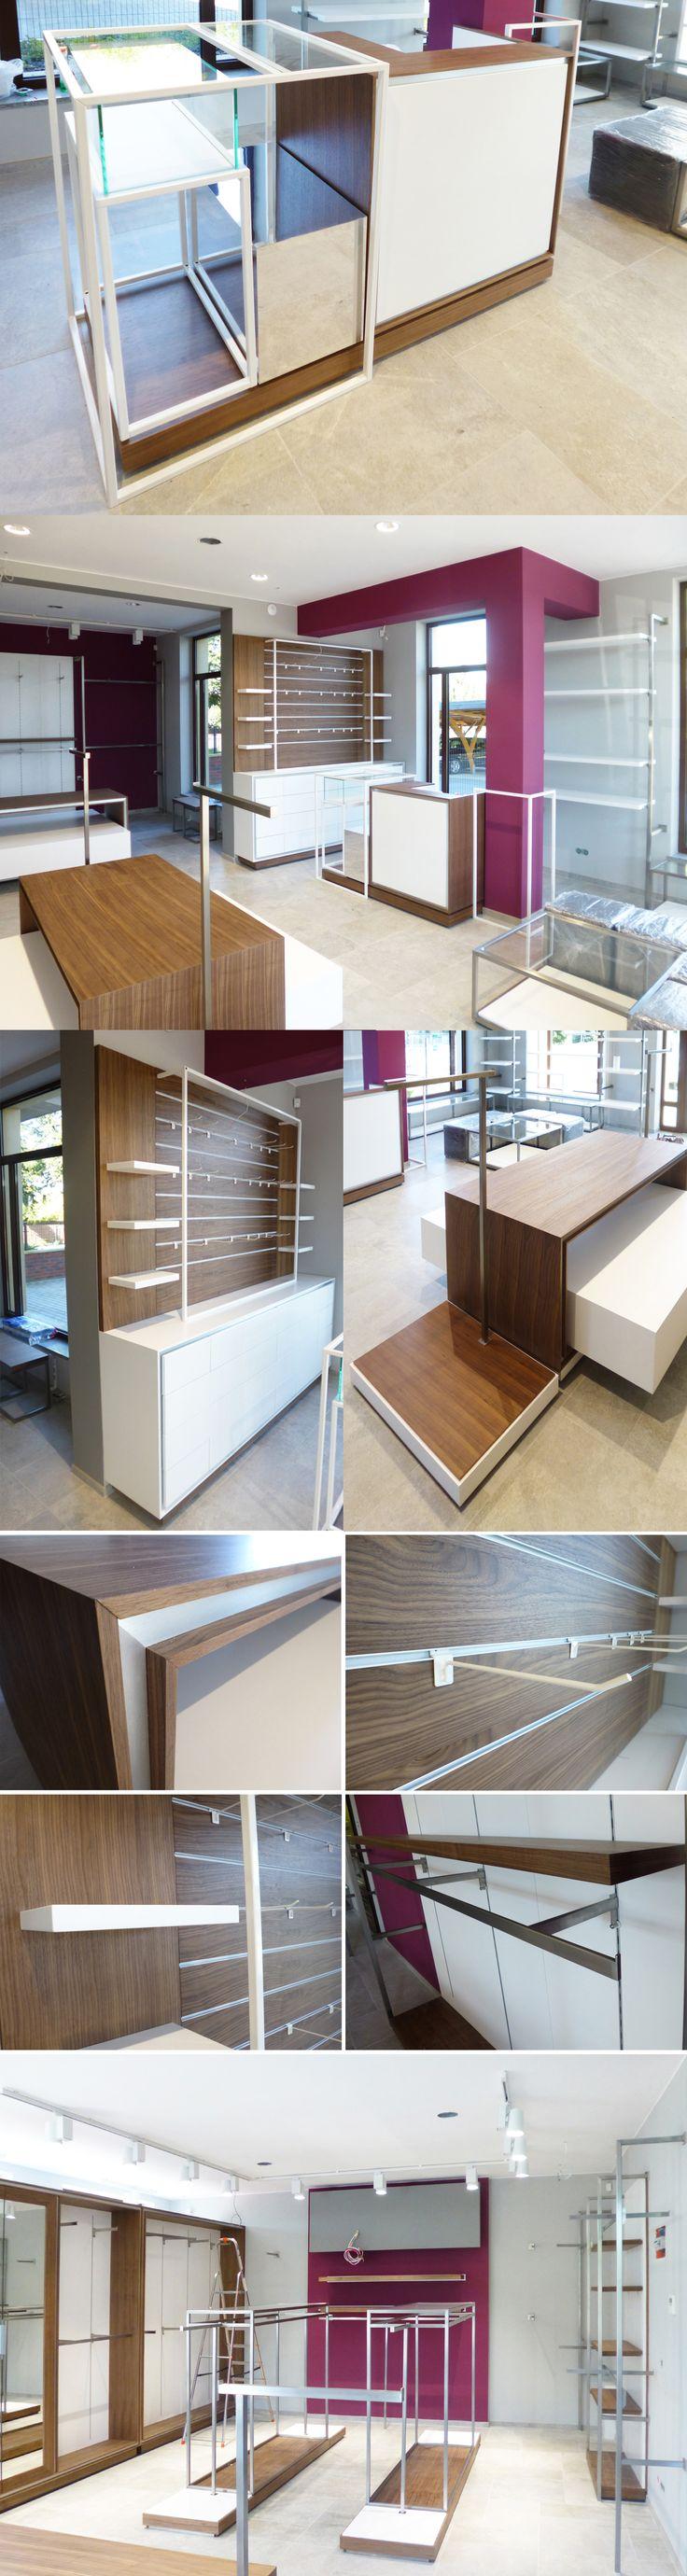 Projekt i wyposazenie sklepu z odzieżą w Oleśnicy / Shop design and equipment in Olesnica  www.debowskidesign.com